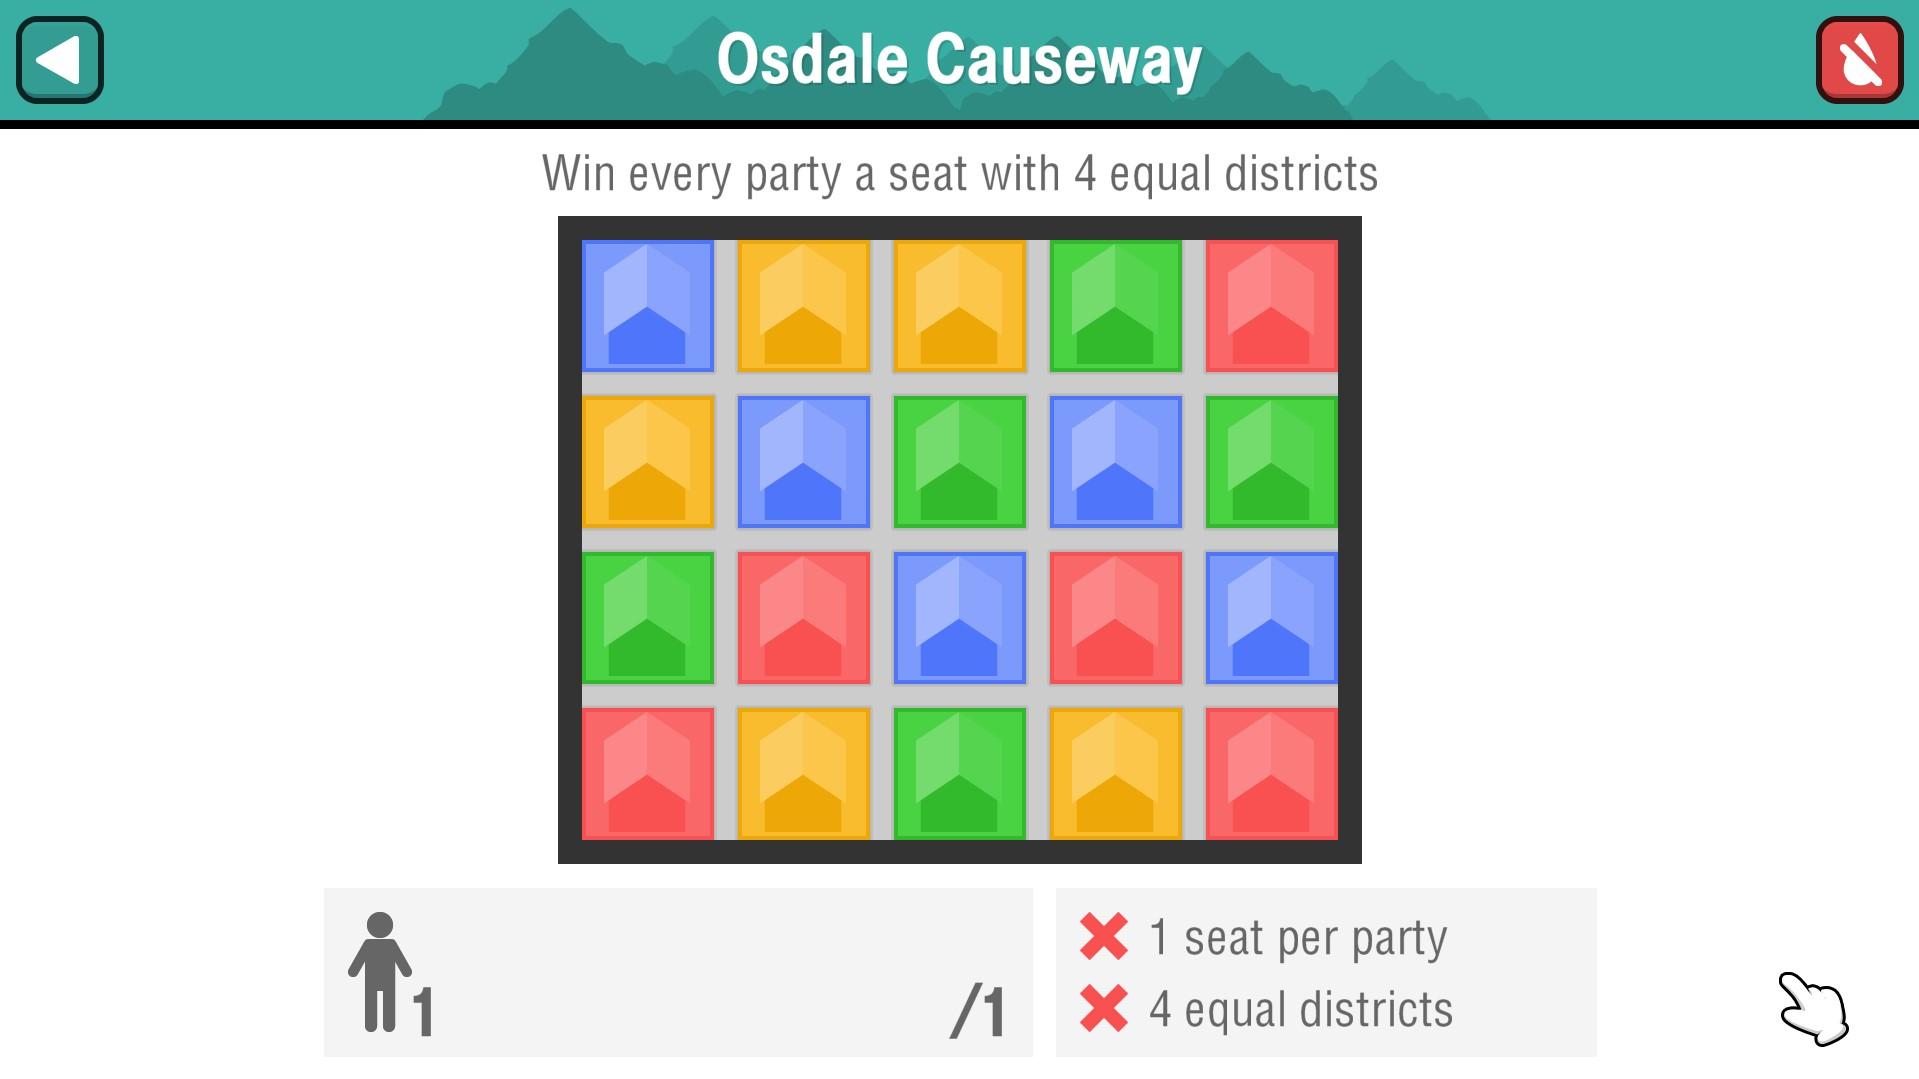 Osdale Causeway